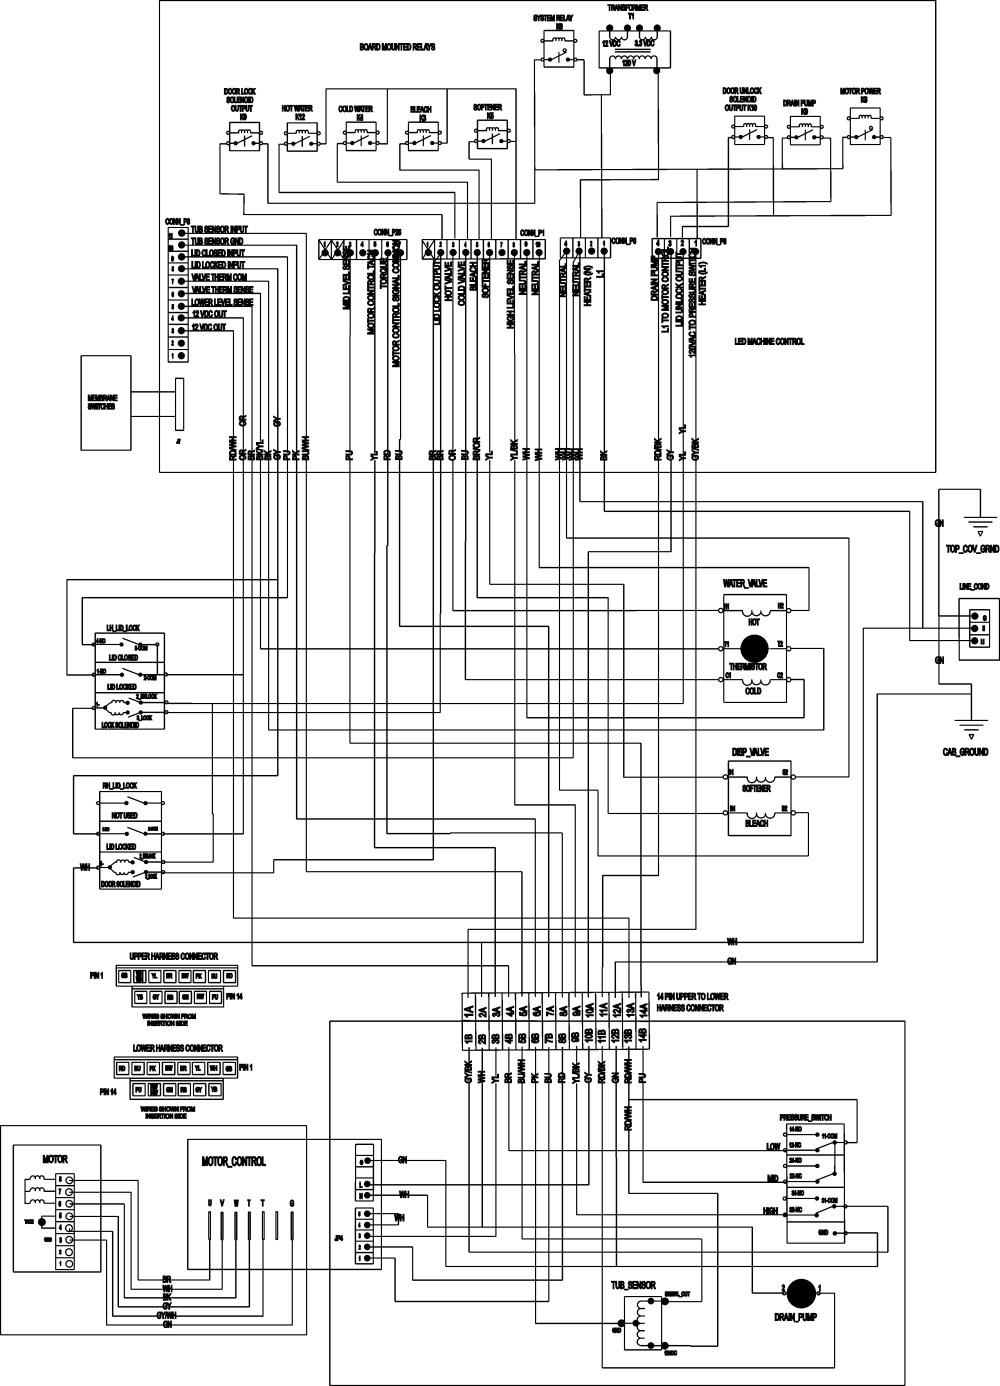 Washer Allegro Traxon Wiring Diagram on